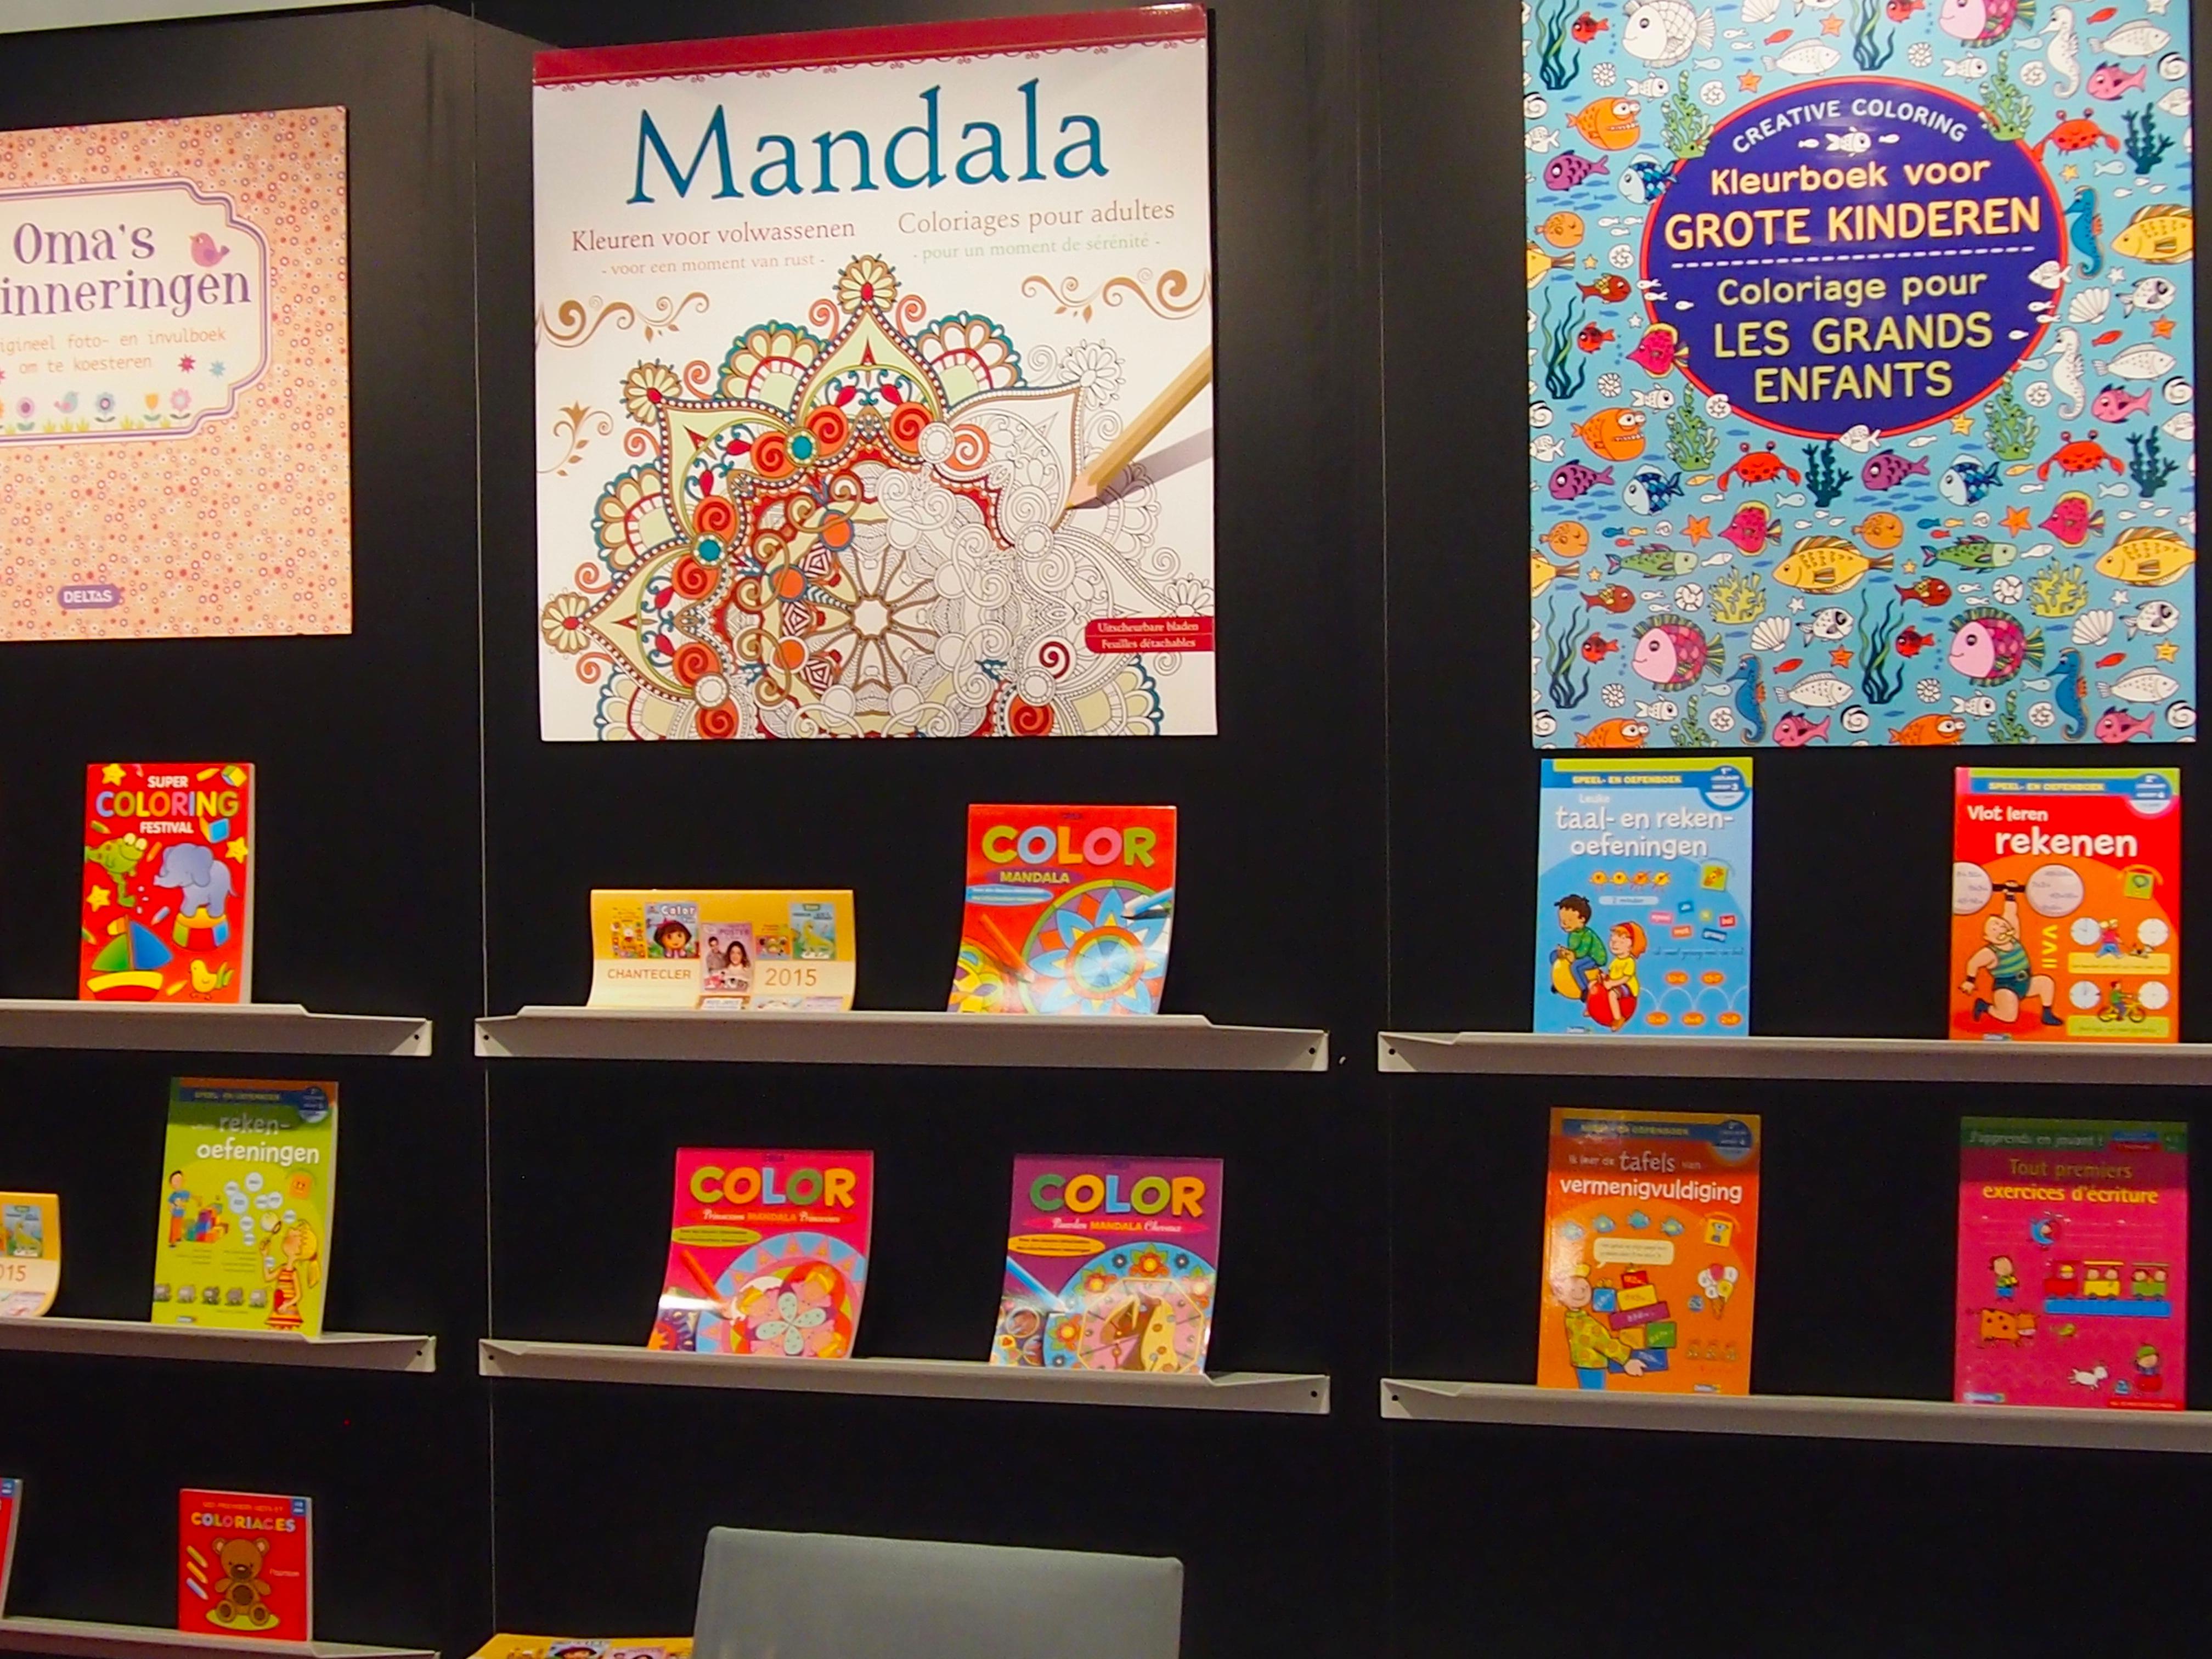 Minggu lalu waktu saya ada di Frankfurt Book Fair dan ngelewatin stand stand publisher dari Eropa ternyata banyak juga yang menampilkan buku mewarnai orang